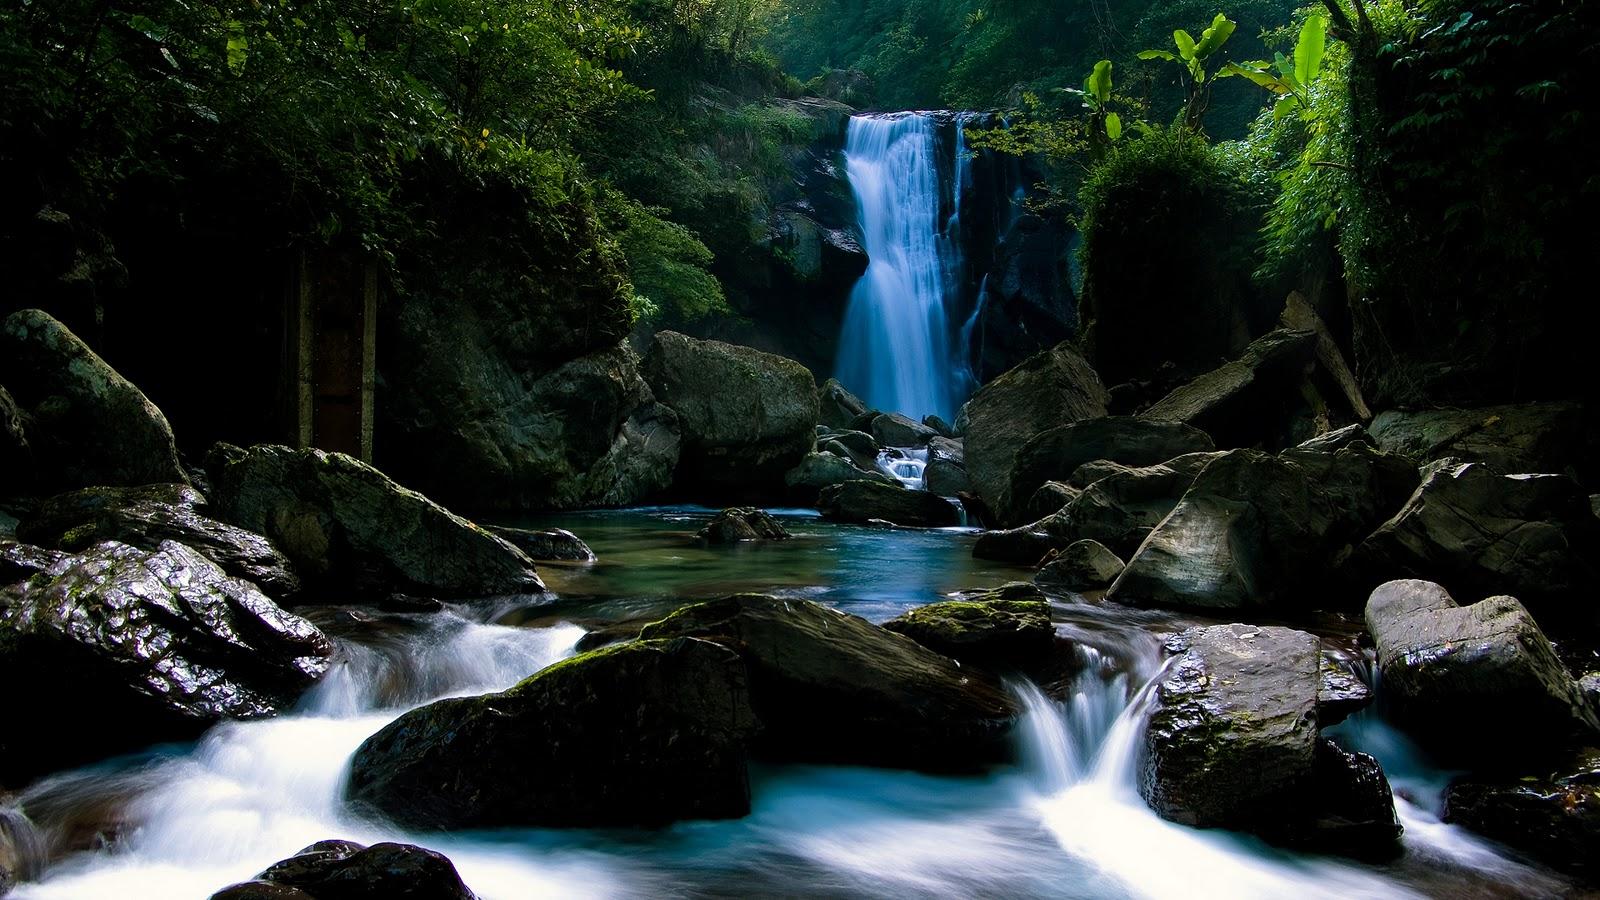 Foto De Paisajes Hermosos - 10 de los paisajes más hermosos de la naturaleza 101